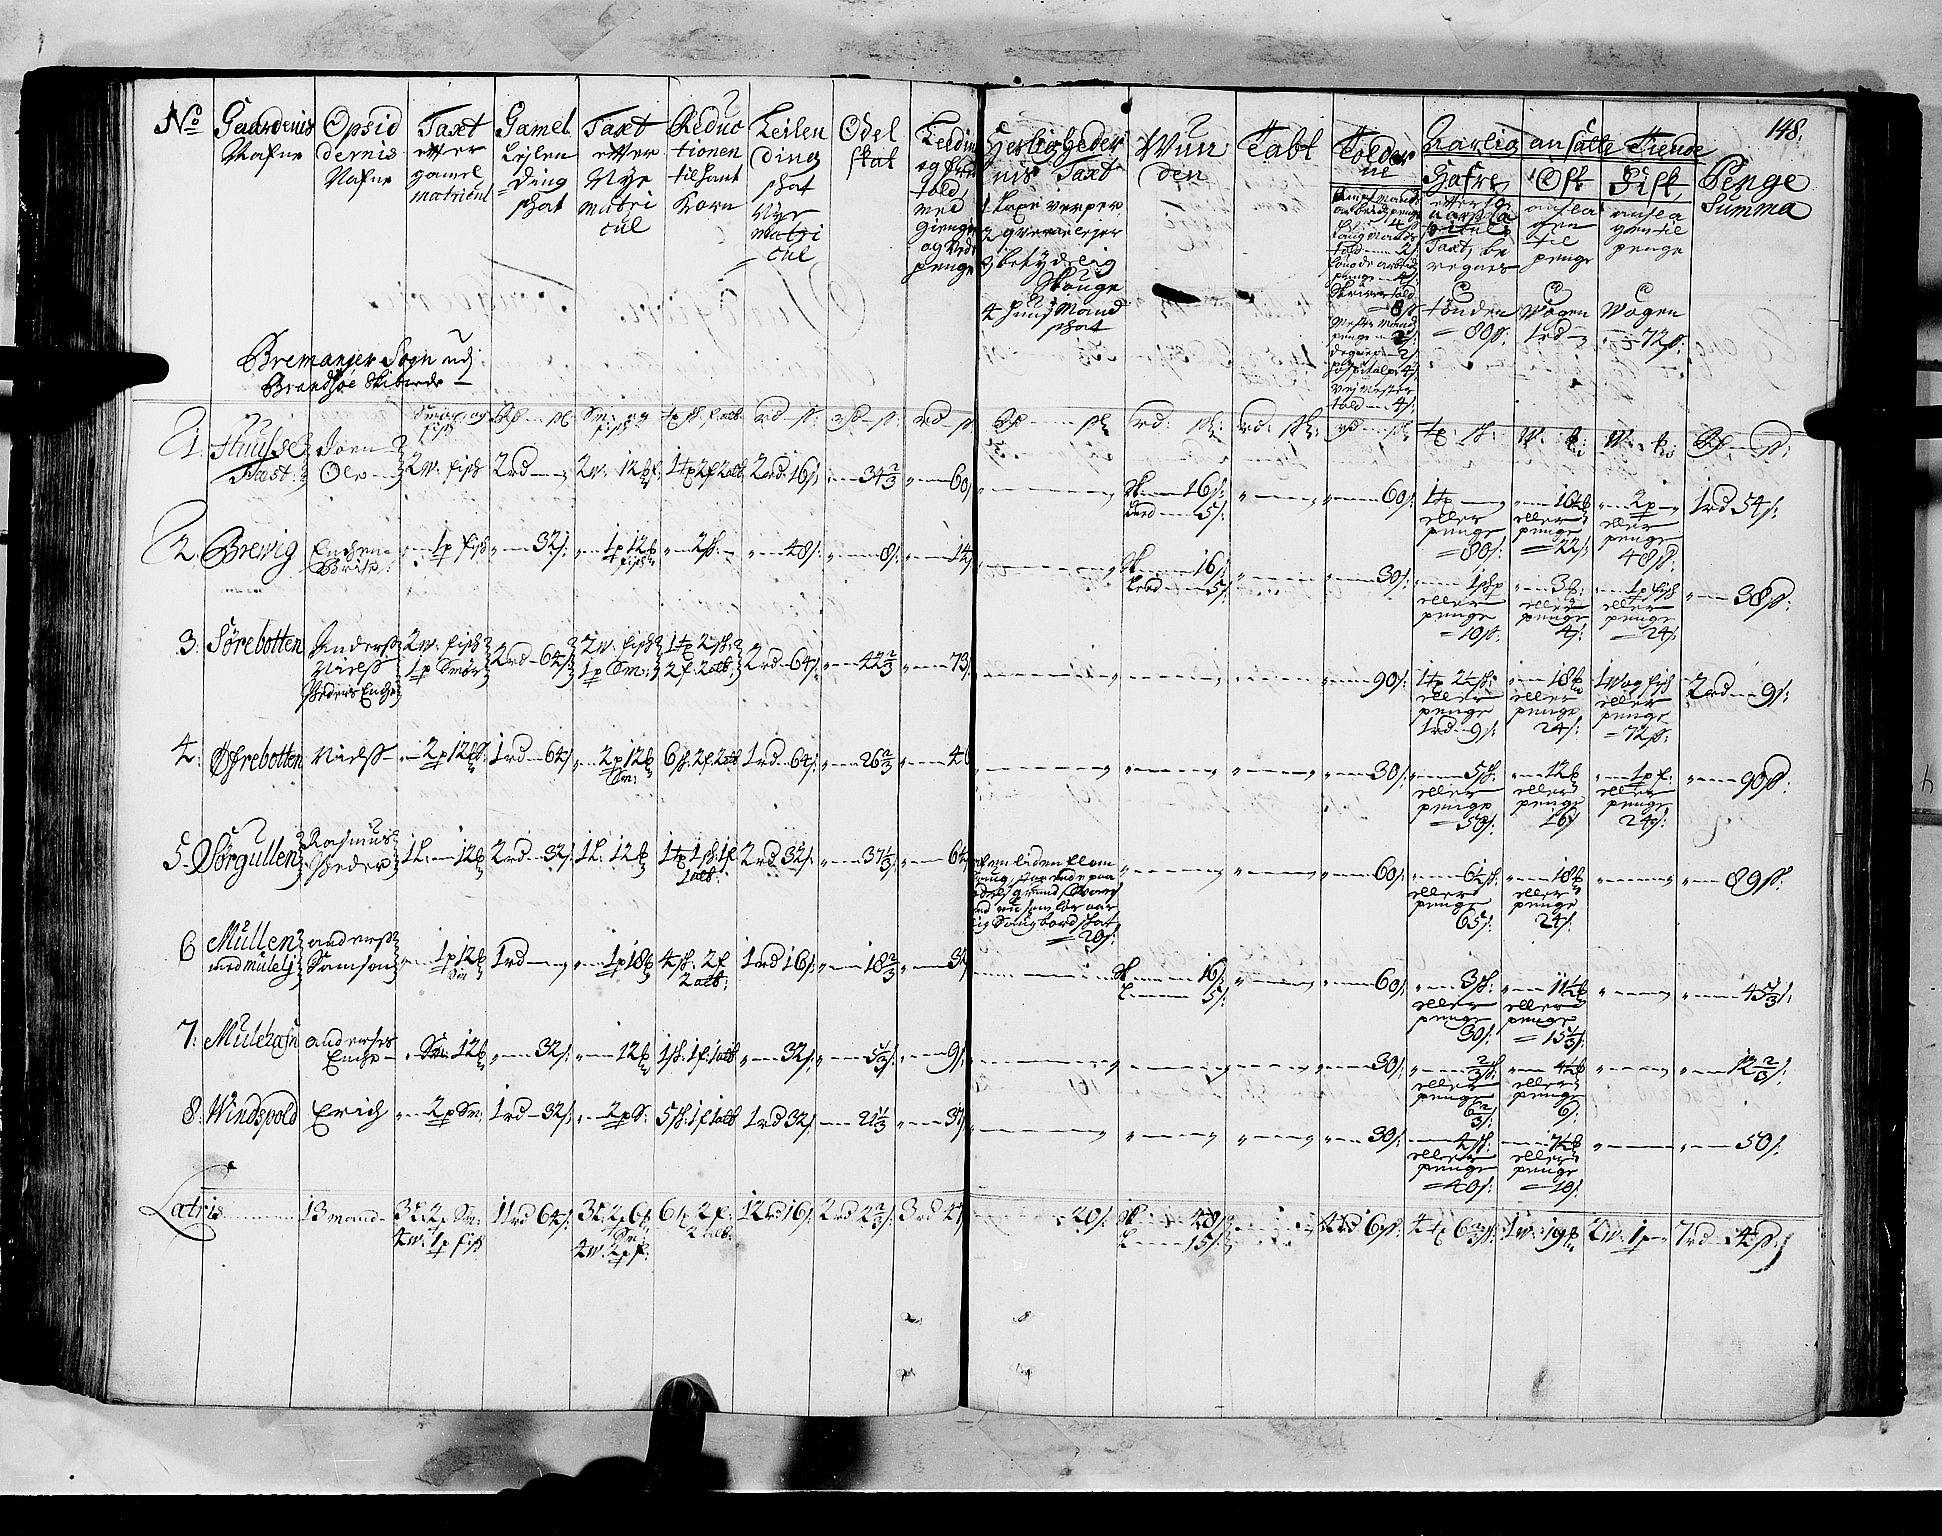 RA, Rentekammeret inntil 1814, Realistisk ordnet avdeling, N/Nb/Nbf/L0147: Sunnfjord og Nordfjord matrikkelprotokoll, 1723, s. 147b-148a